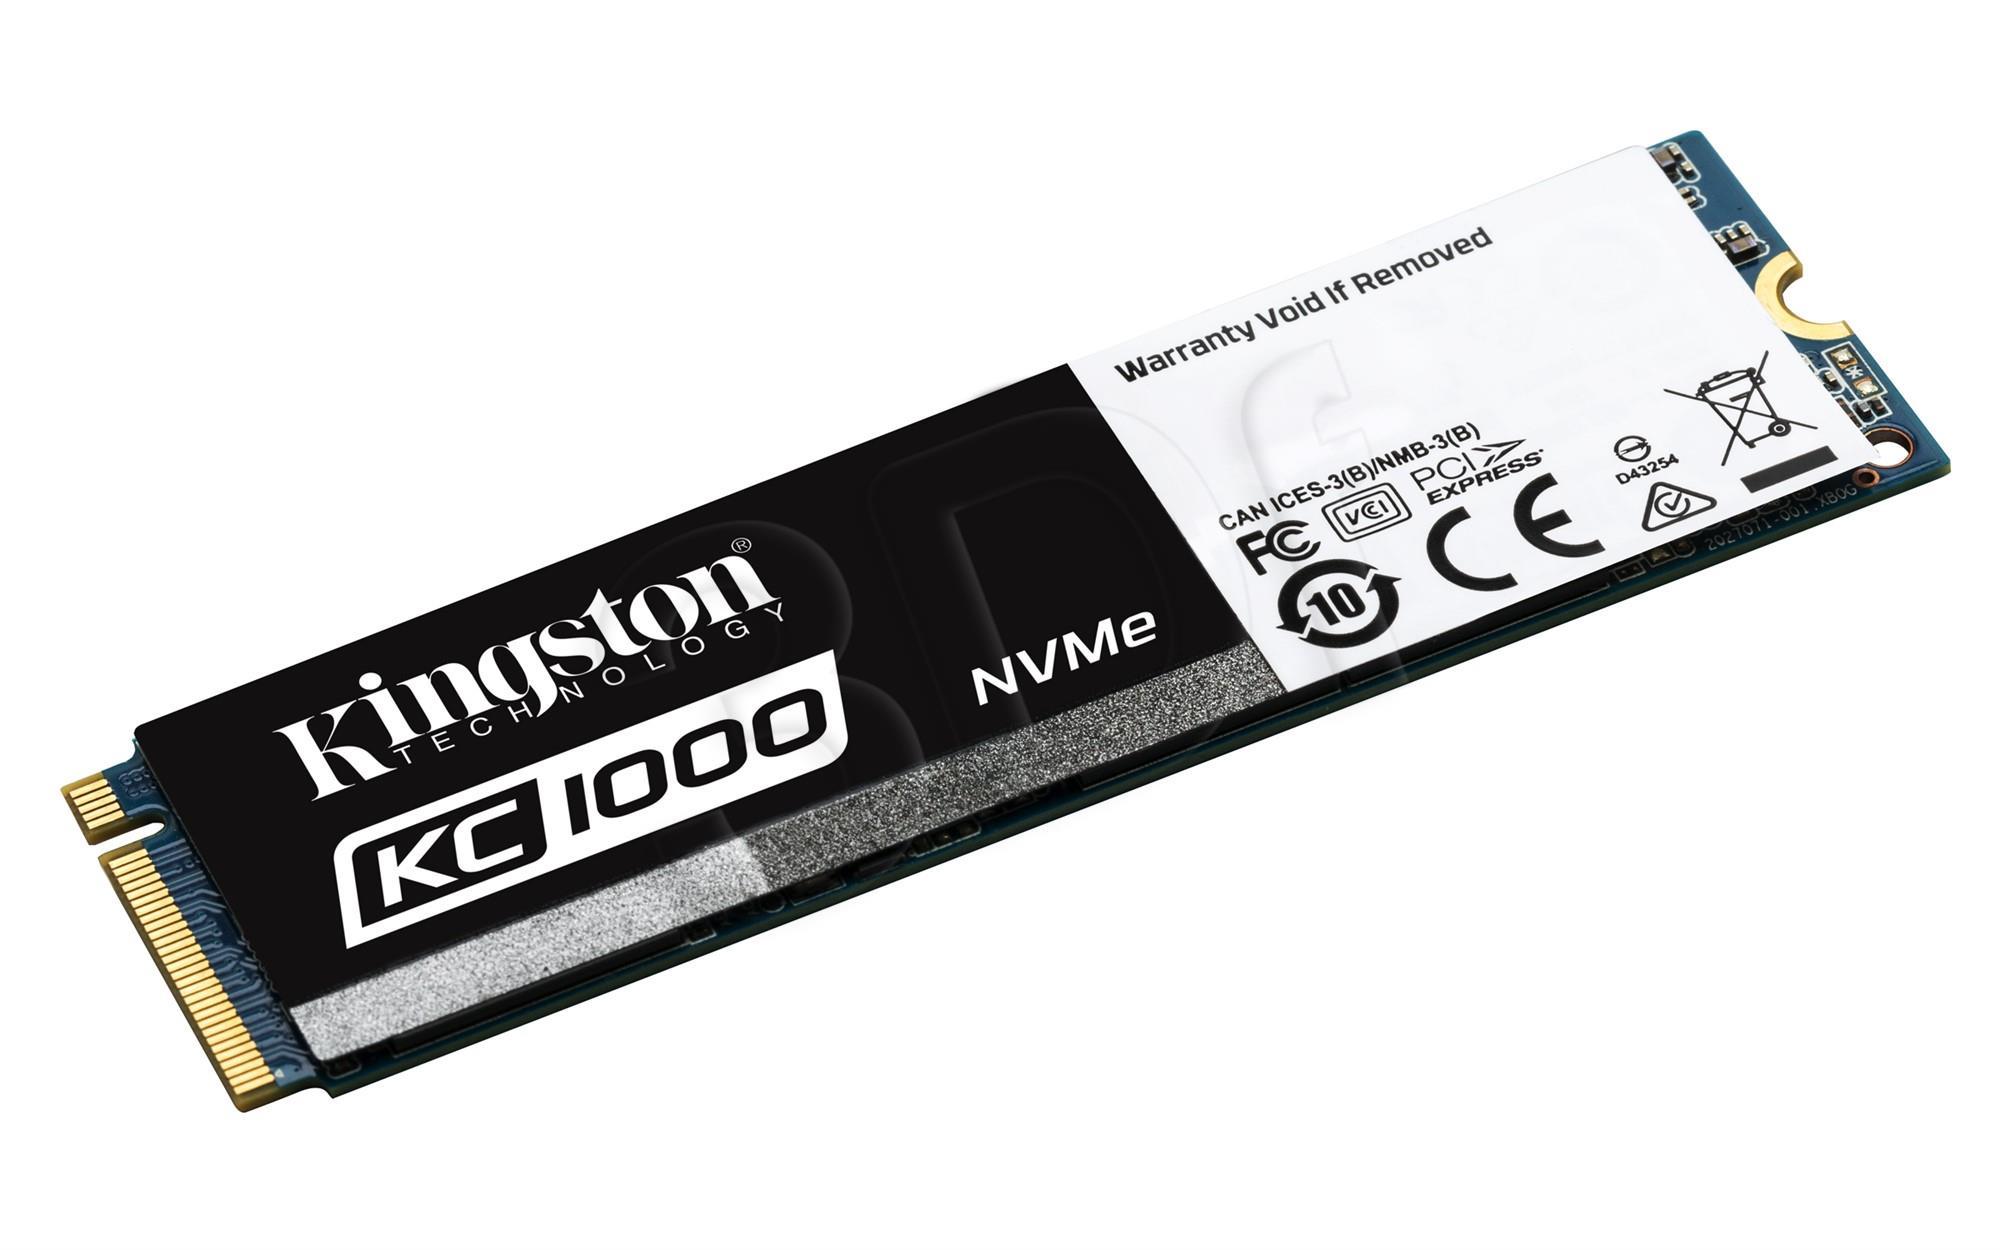 KINGSTON 480GB KC1000 PCIe Gen3 x4 NVMe SSD disks